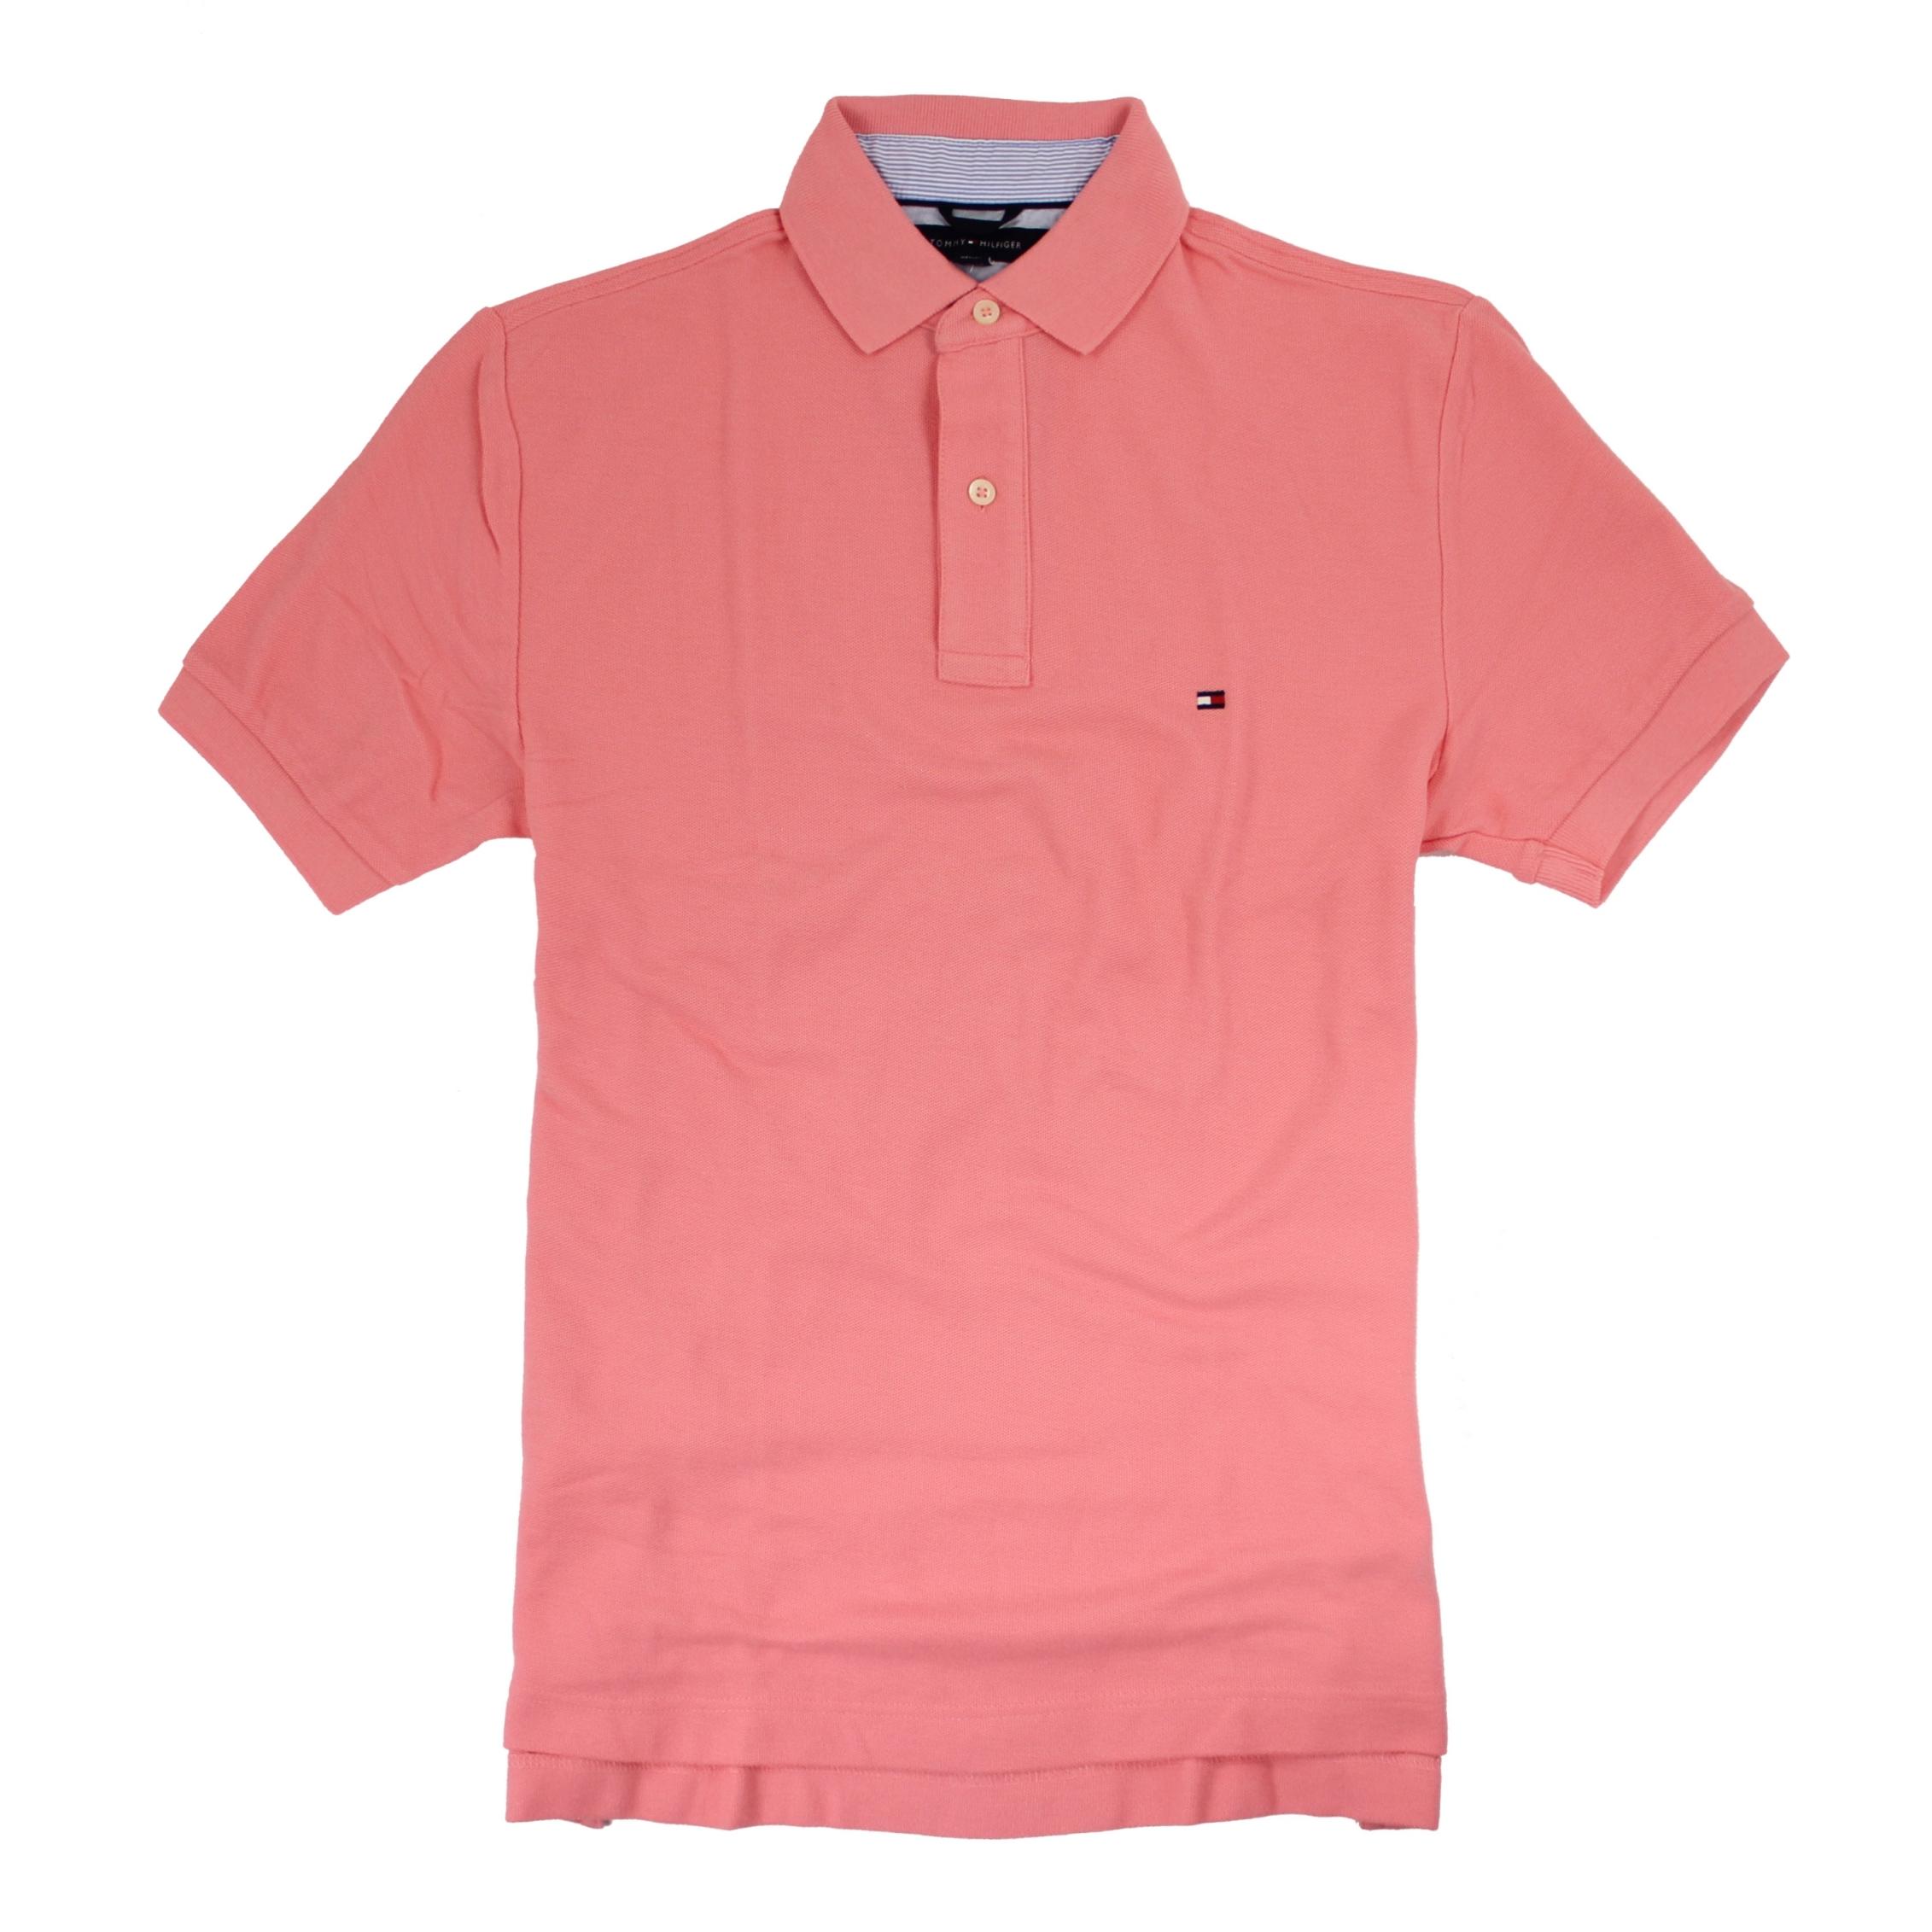 美國百分百【全新真品】Tommy Hilfiger TH 素色 網眼 男 短袖 上衣 POLO衫 粉橘色 S號 E118